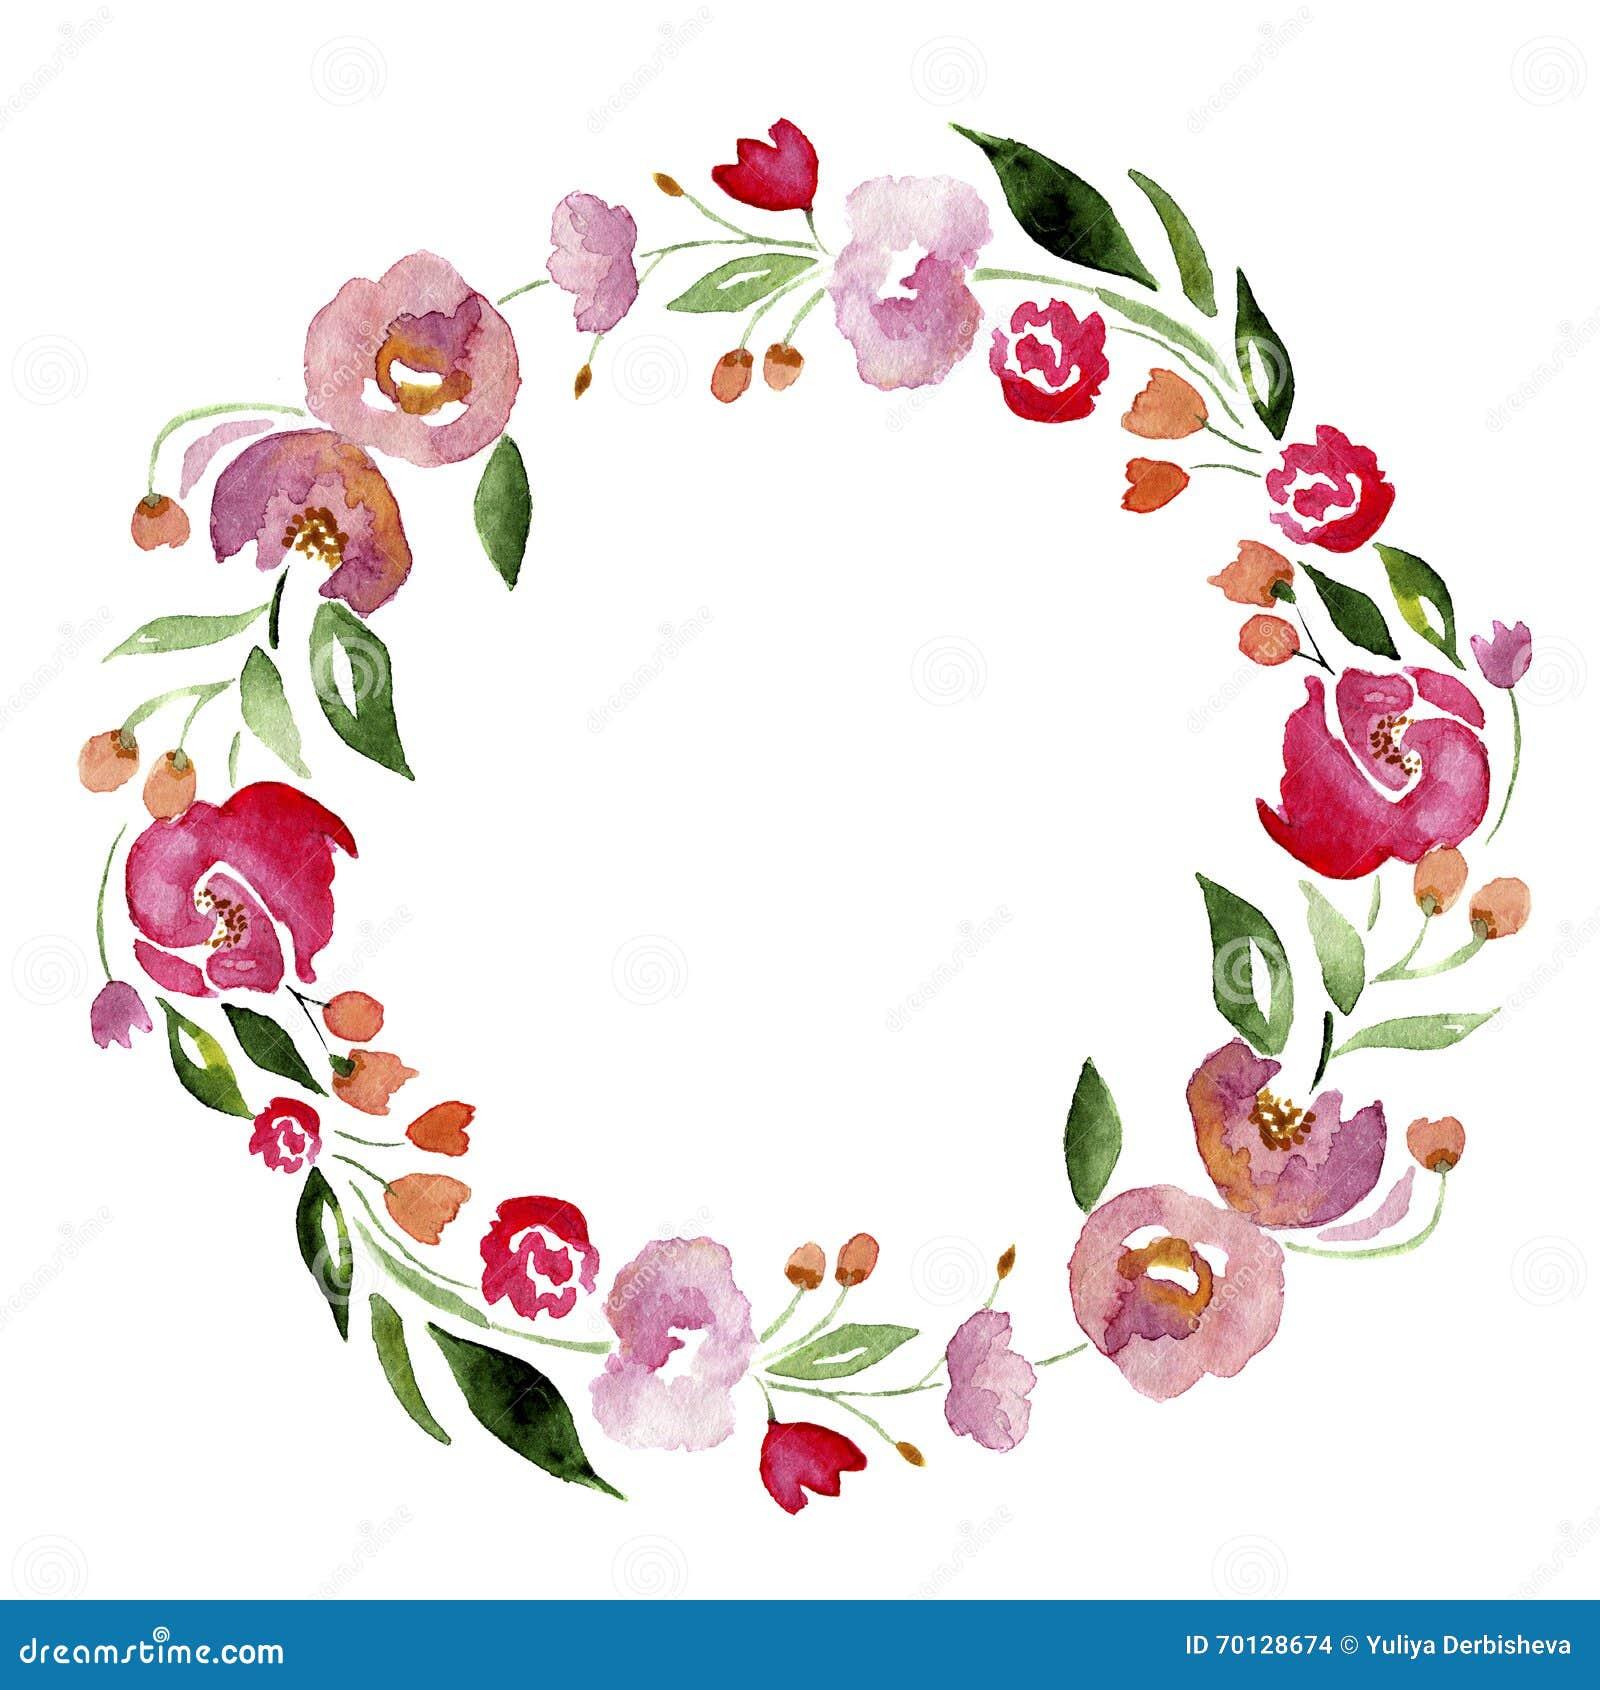 Vattenfärg hand-dragen blommakrans för design Konstnärlig isolerad illustration